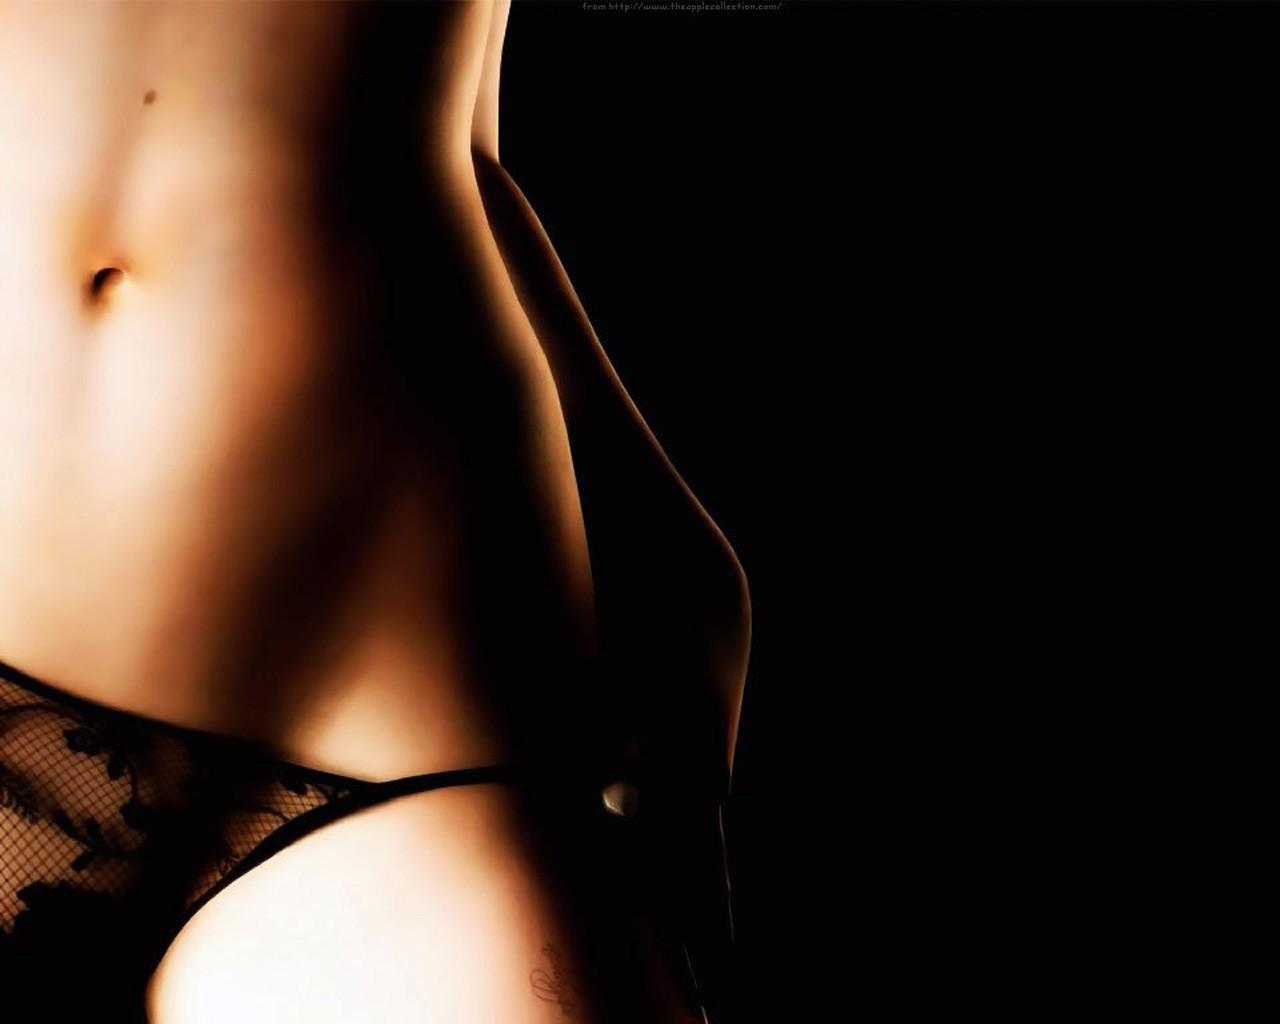 Фото голое женское тело, Голое тело - красивое женское тело нагишом - интим фото 11 фотография